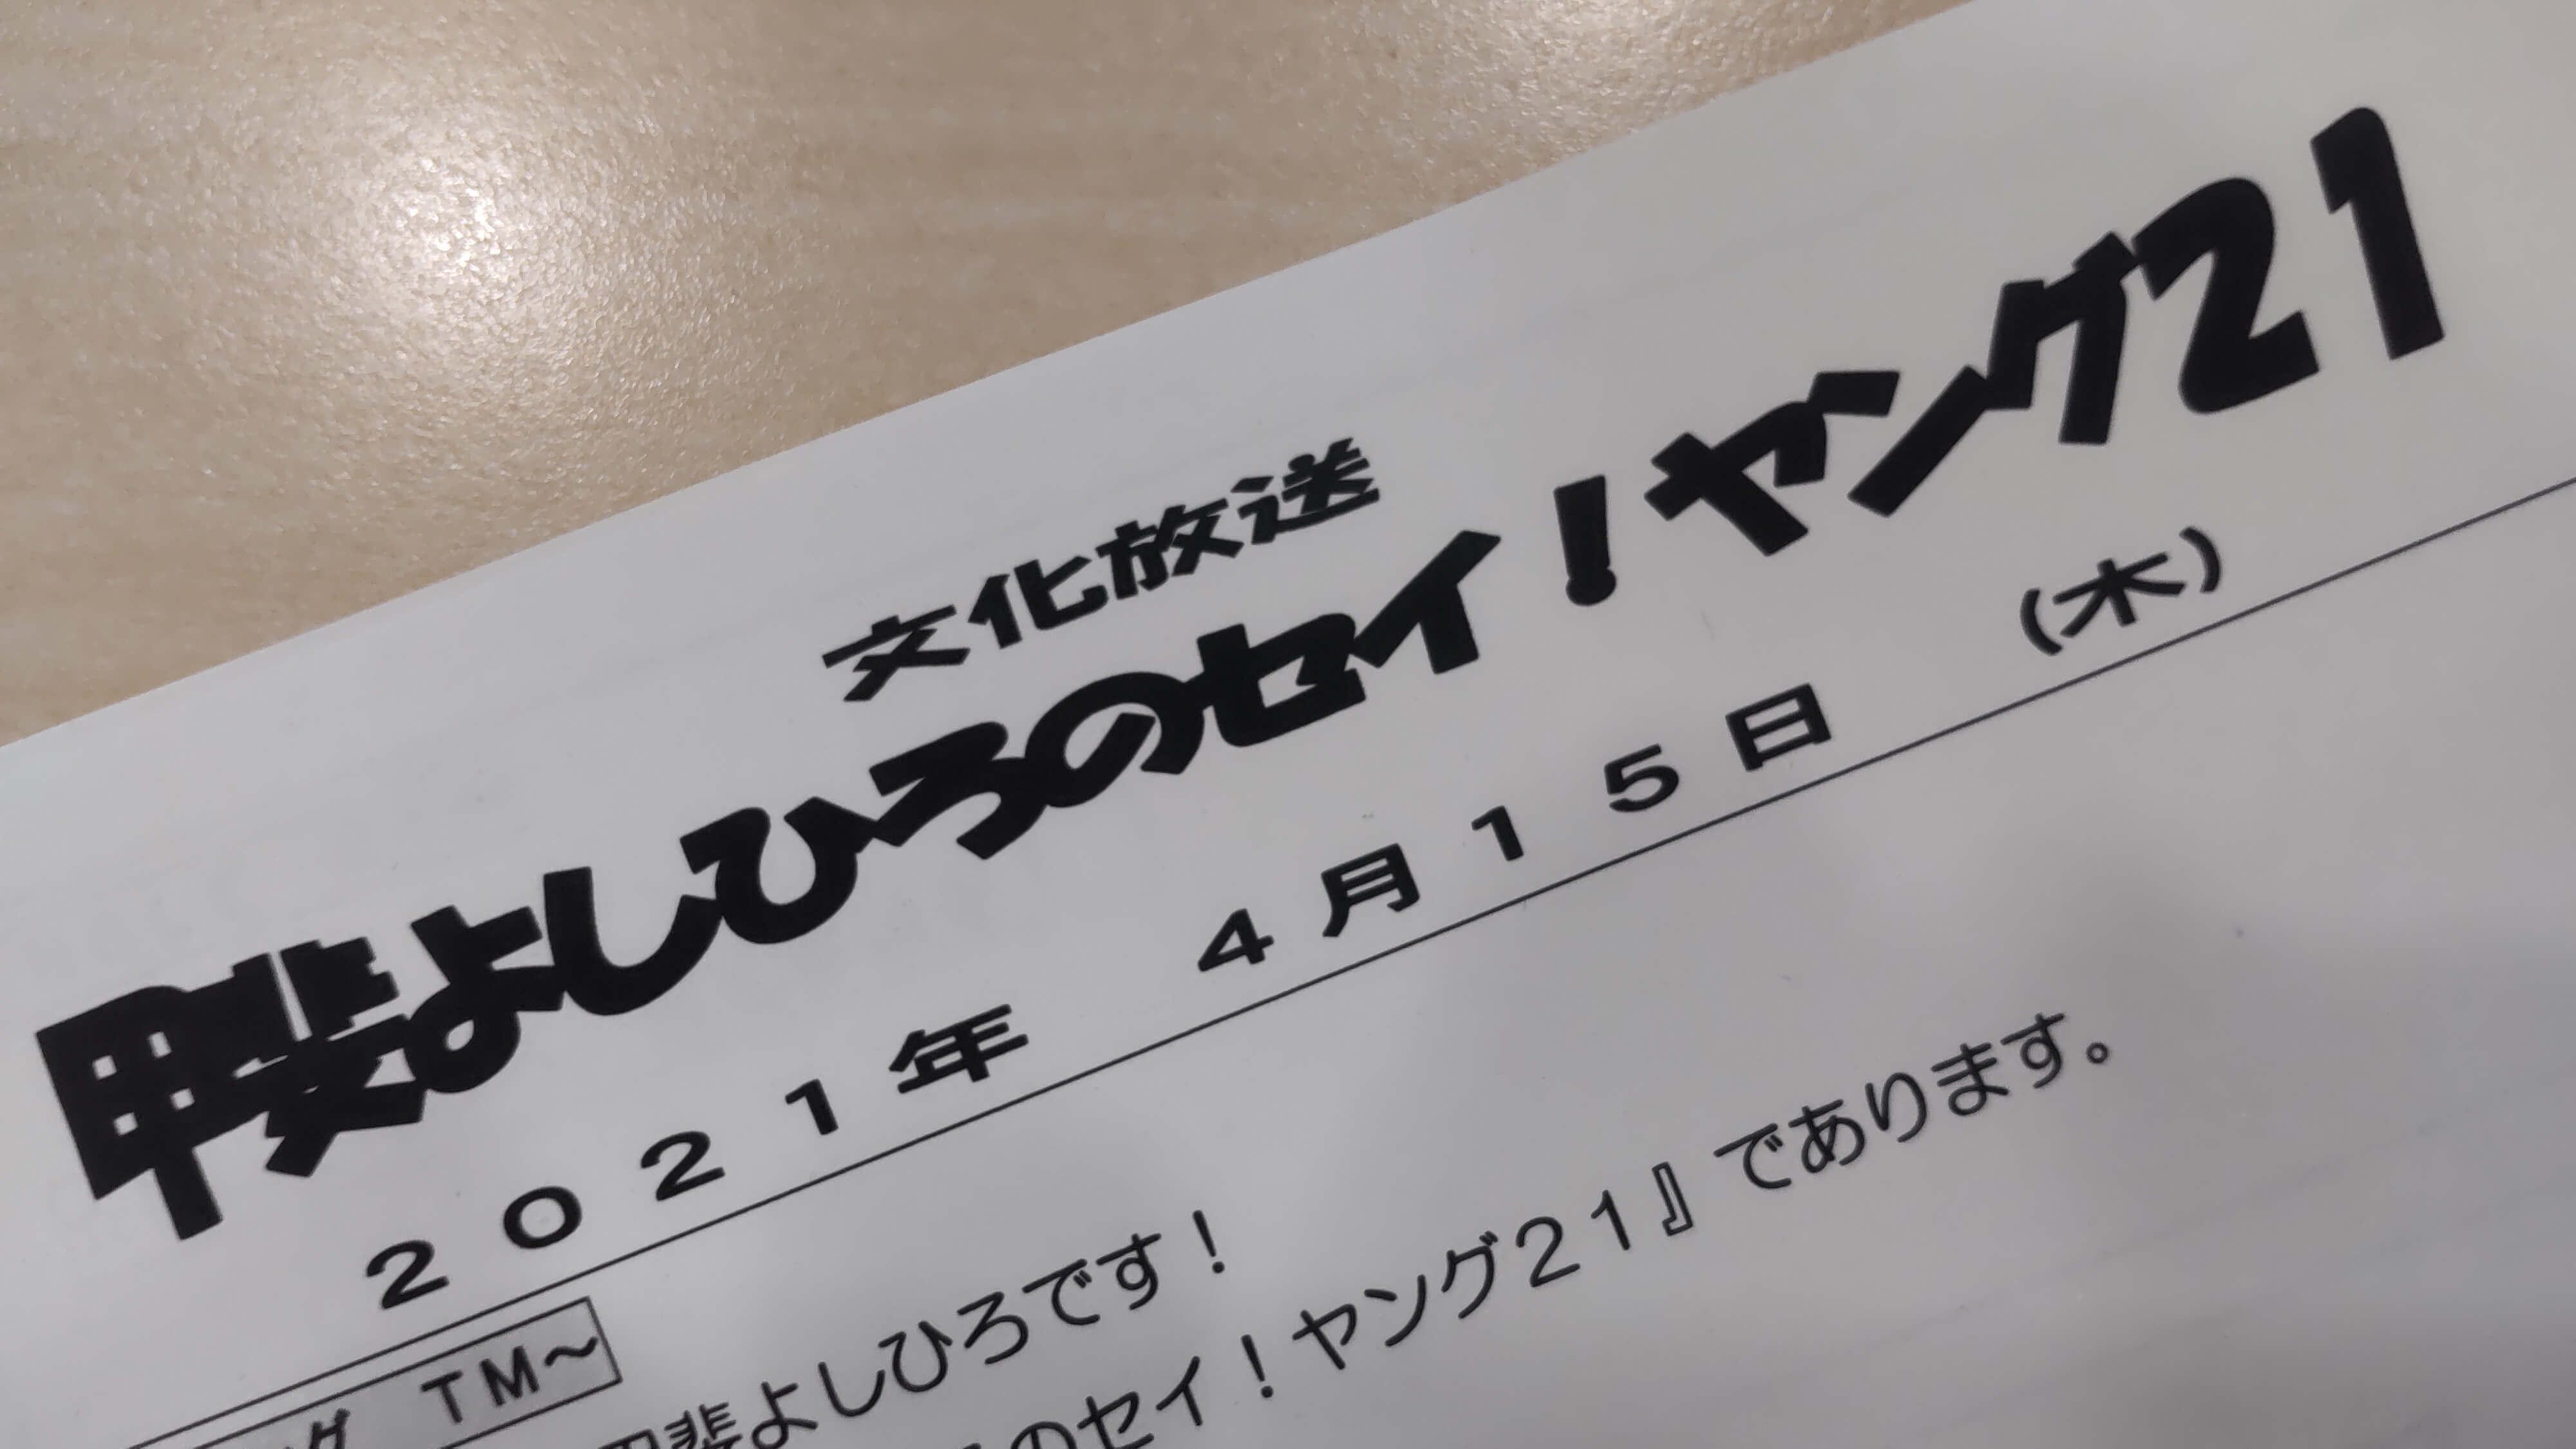 甲斐よしひろのセイ!ヤング21 4月15日(木)生放送でお送りしました!